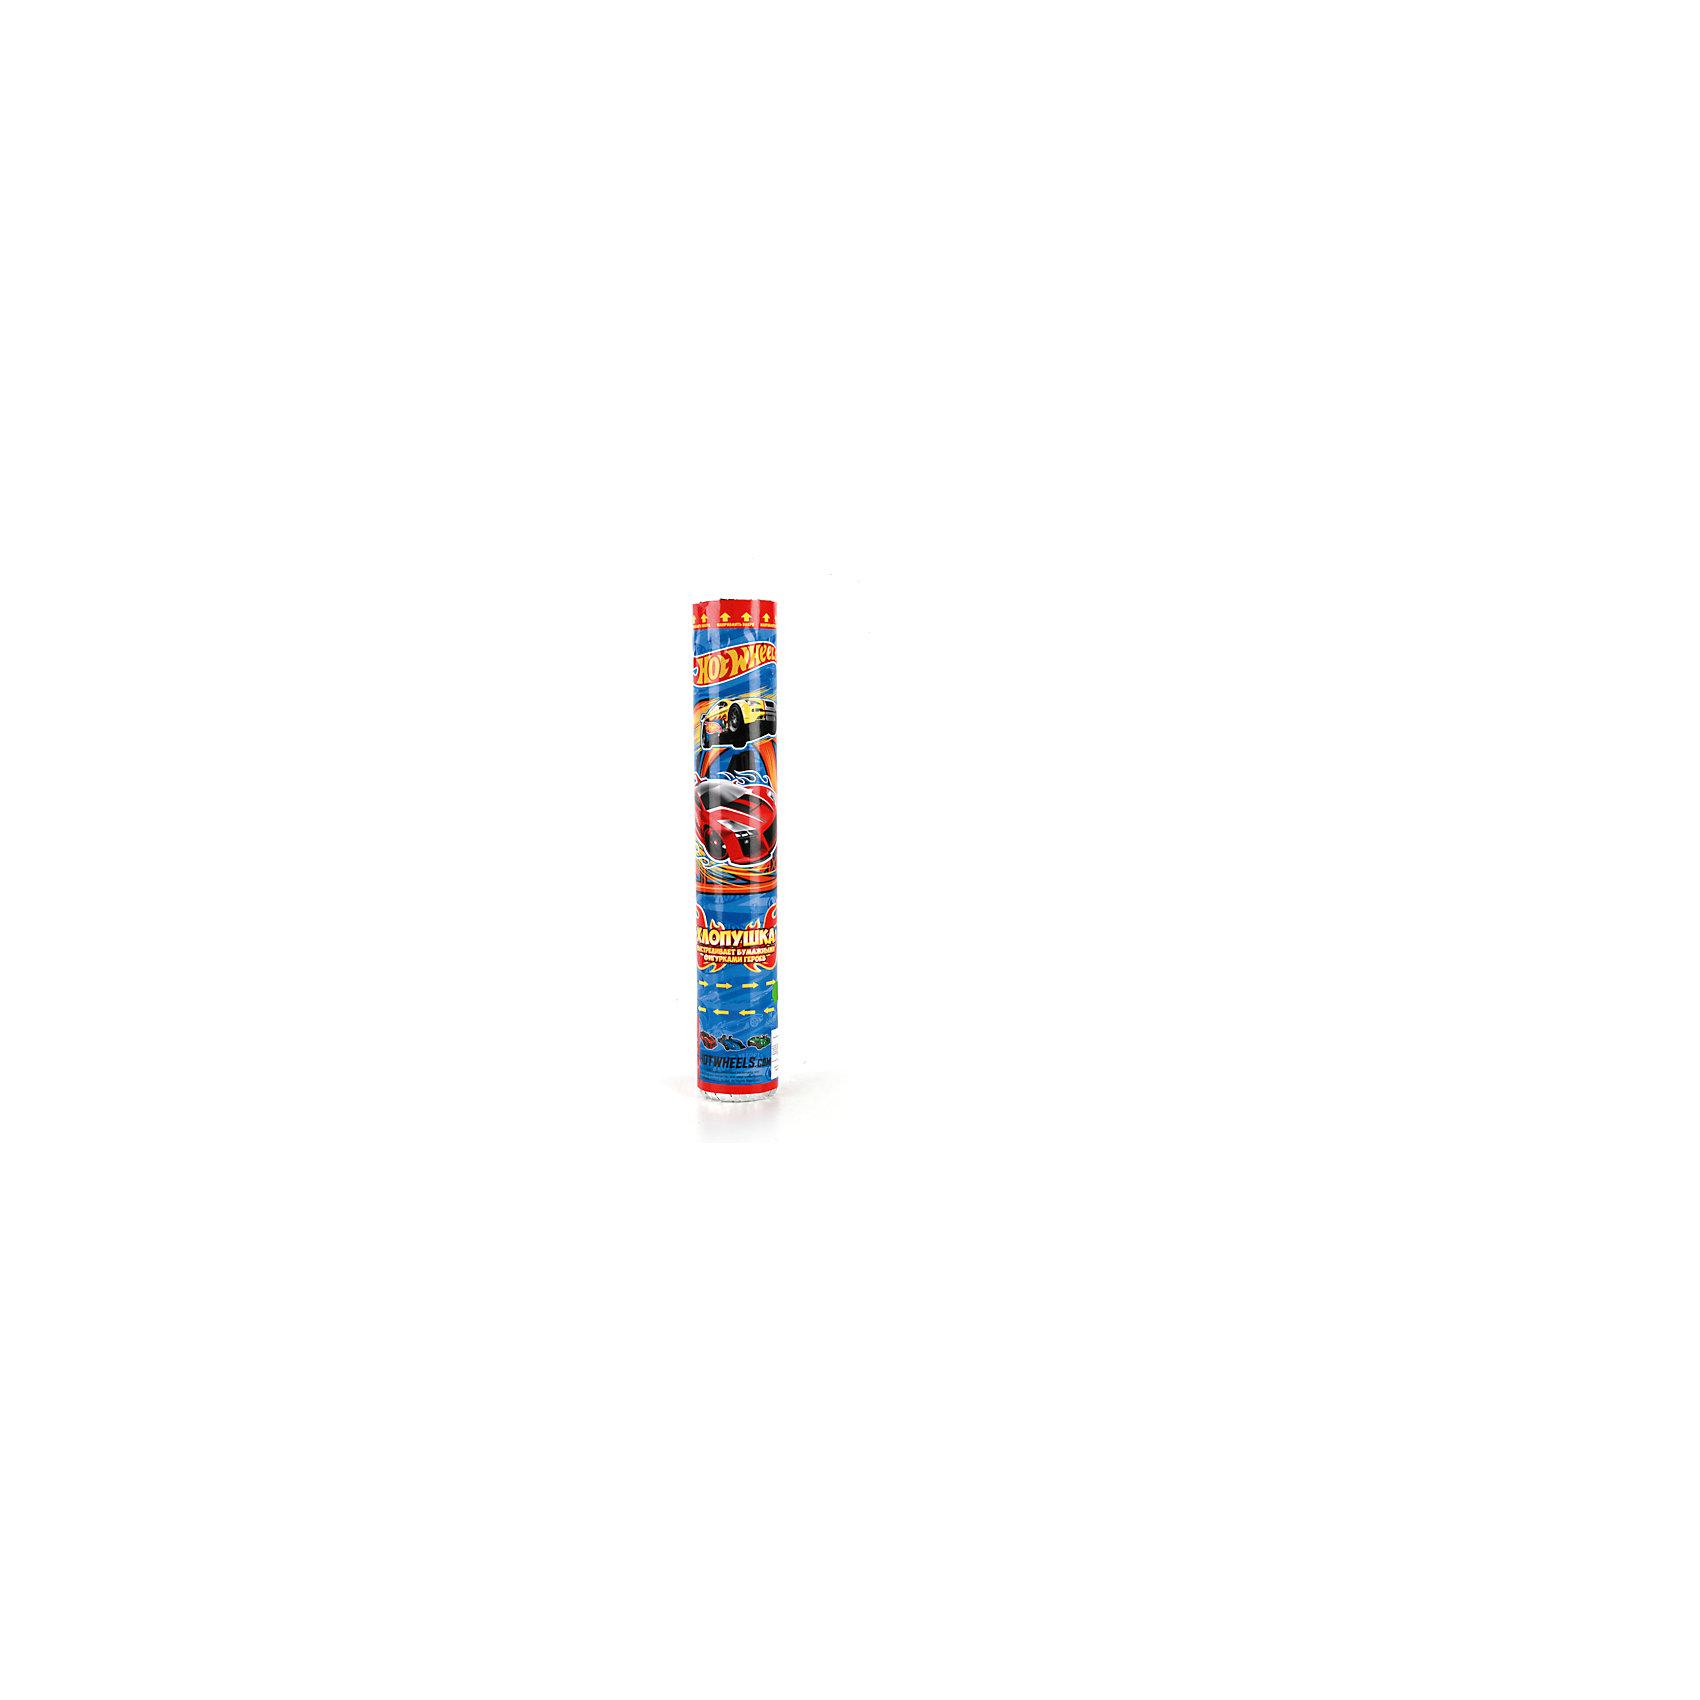 Пневмохлопушка Hot wheels, 30 смHot Wheels<br>Характеристики товара:<br><br>• материал: бумага, пластик<br>• размер упаковки: 30х5х5 см<br>• вес: 150 г<br>• комплектация:1 хлопушка<br>• упаковка: тубус<br>• страна бренда: РФ<br>• страна изготовитель: РФ<br><br>Такая хлопушка станет отличным сюрпризом для детей на праздник! Она отличается тем, что на ней изображены машинки Hot wheels, любимые многими современными детьми. Хлопушка поможет создать праздничное настроение, особенно - в компании детей. Она гораздо безопаснее, чем фейерверки и бенгальские огни. Хлопушка высотой 30 сантиметров выглядит внушительно и нарядно!<br>Хлопушка выпущена в удобном формате. Изделие производится из качественных и проверенных материалов, которые безопасны для детей.<br><br>Пневмохлопушку Hot wheels, 30 см, от российского бренда Веселый праздник можно купить в нашем интернет-магазине.<br><br>Ширина мм: 50<br>Глубина мм: 50<br>Высота мм: 300<br>Вес г: 140<br>Возраст от месяцев: 36<br>Возраст до месяцев: 72<br>Пол: Мужской<br>Возраст: Детский<br>SKU: 5196973